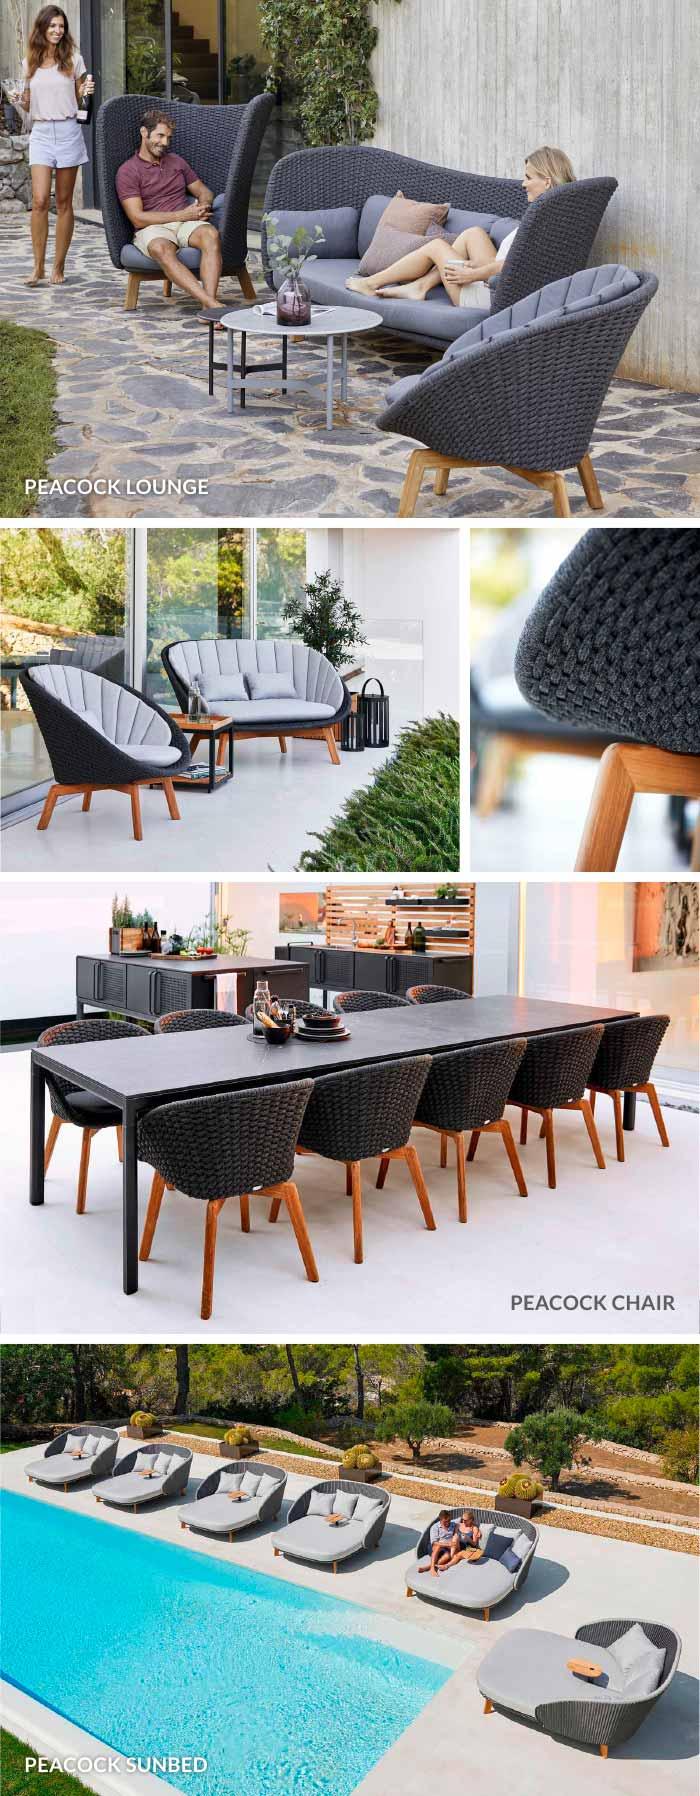 Peacock Lounge Sofa, Chair & Sunbed von Cane-line jetzt bei WALLI Gartenmöbel